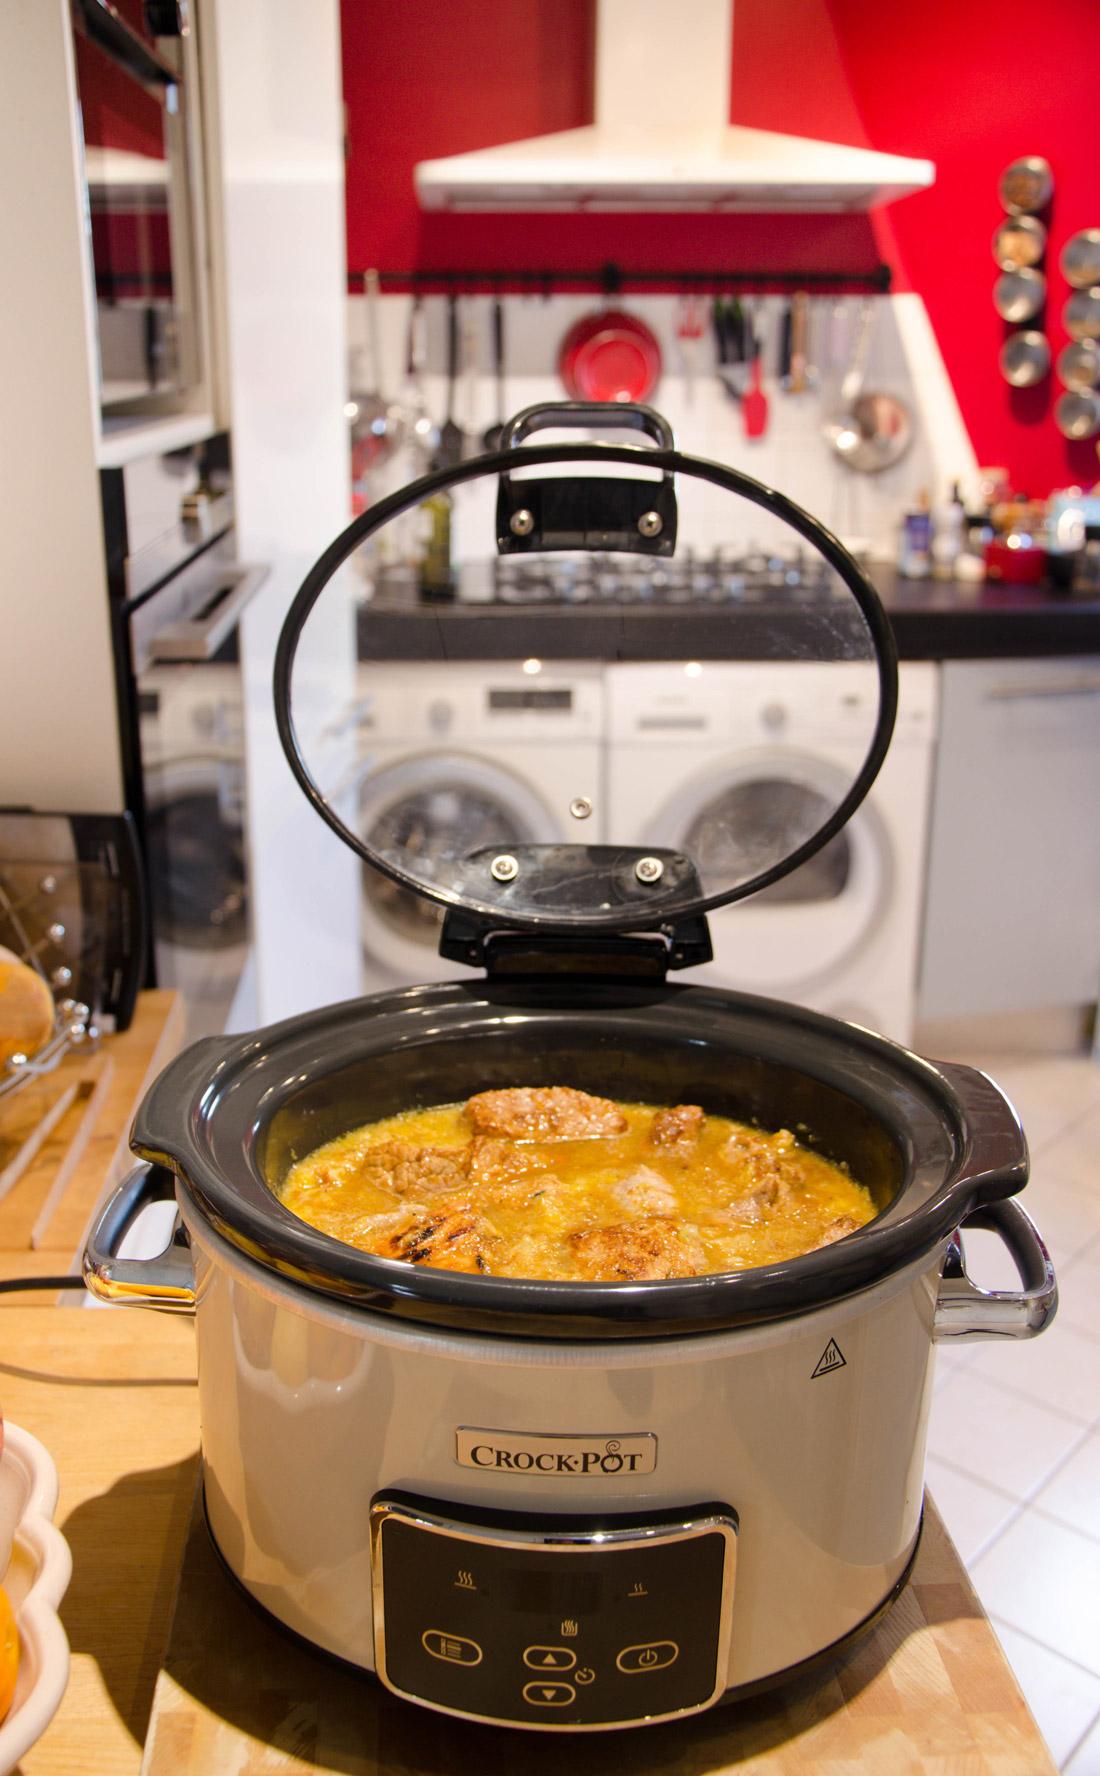 Recette de noix de veau à l'orange mijotée au crockpot